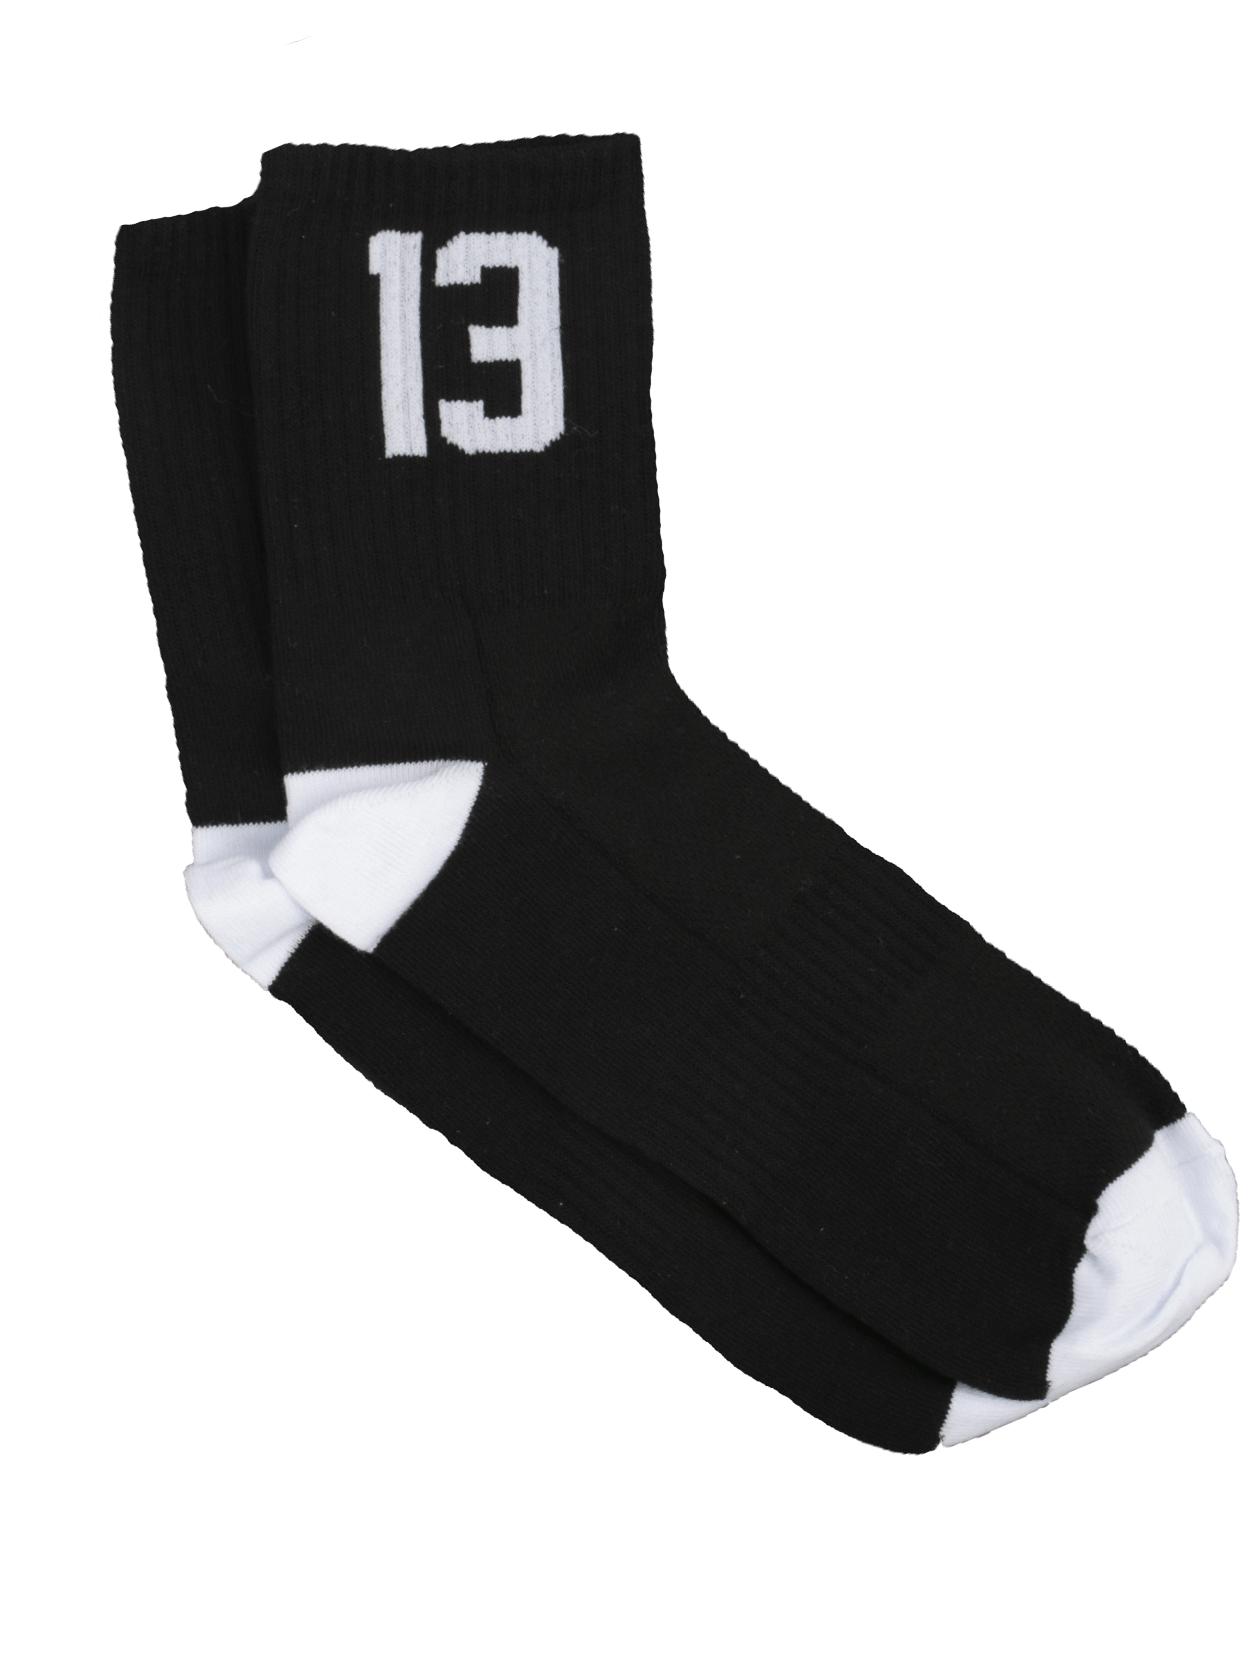 Unisex Socks 13, Black